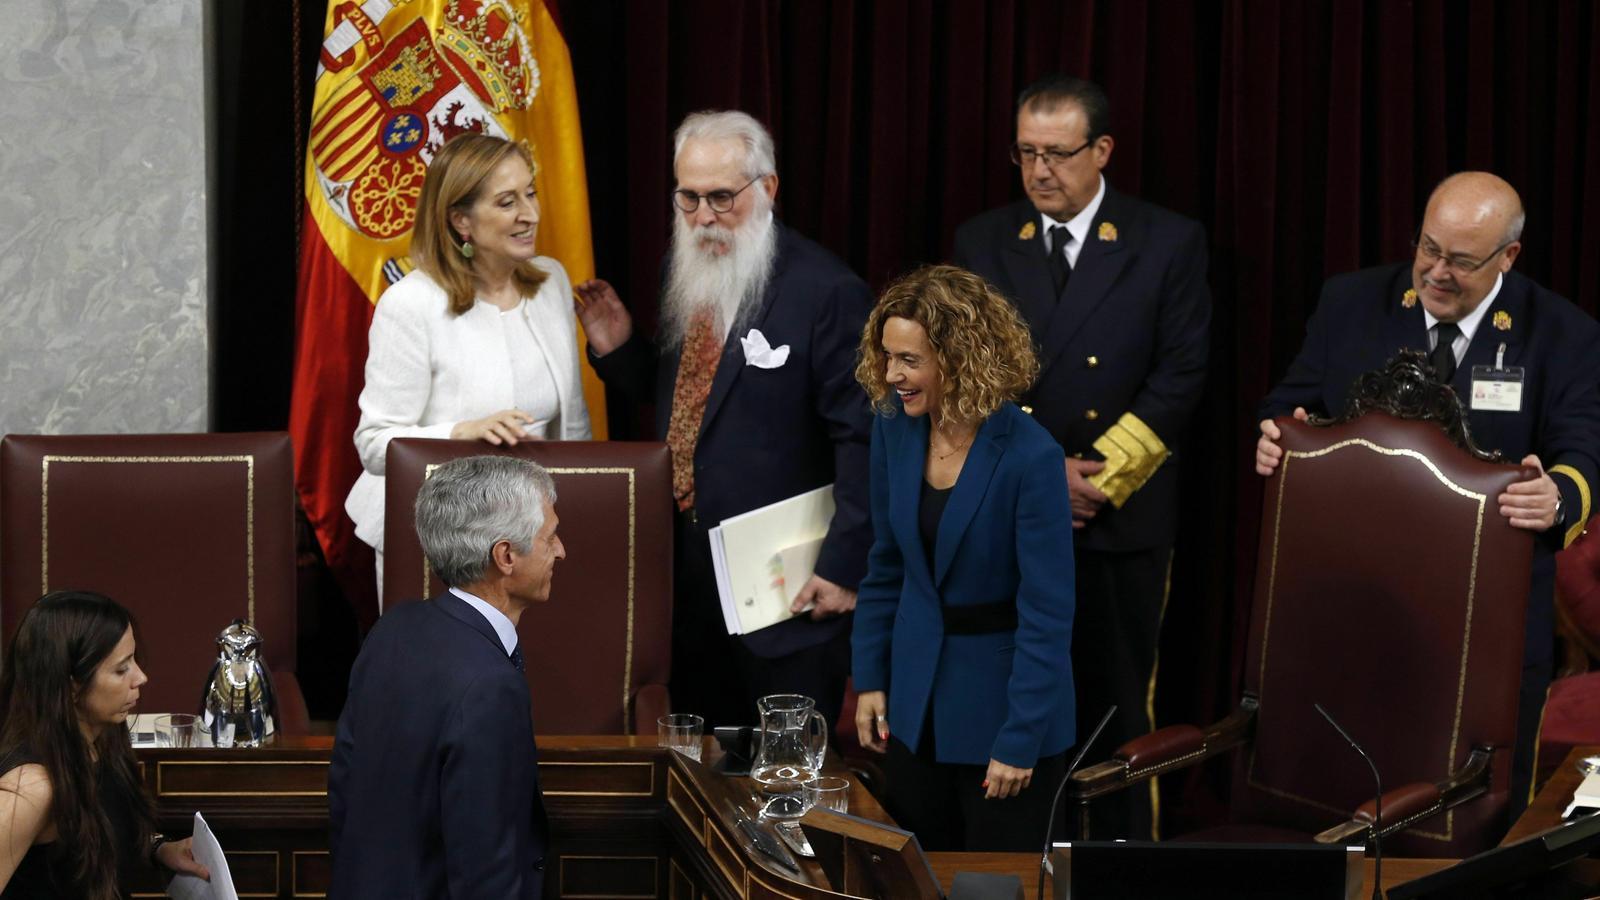 La nova presidenta del Congrés, Meritxell Batet, i el diputat del PP Adolfo Suárez Illana